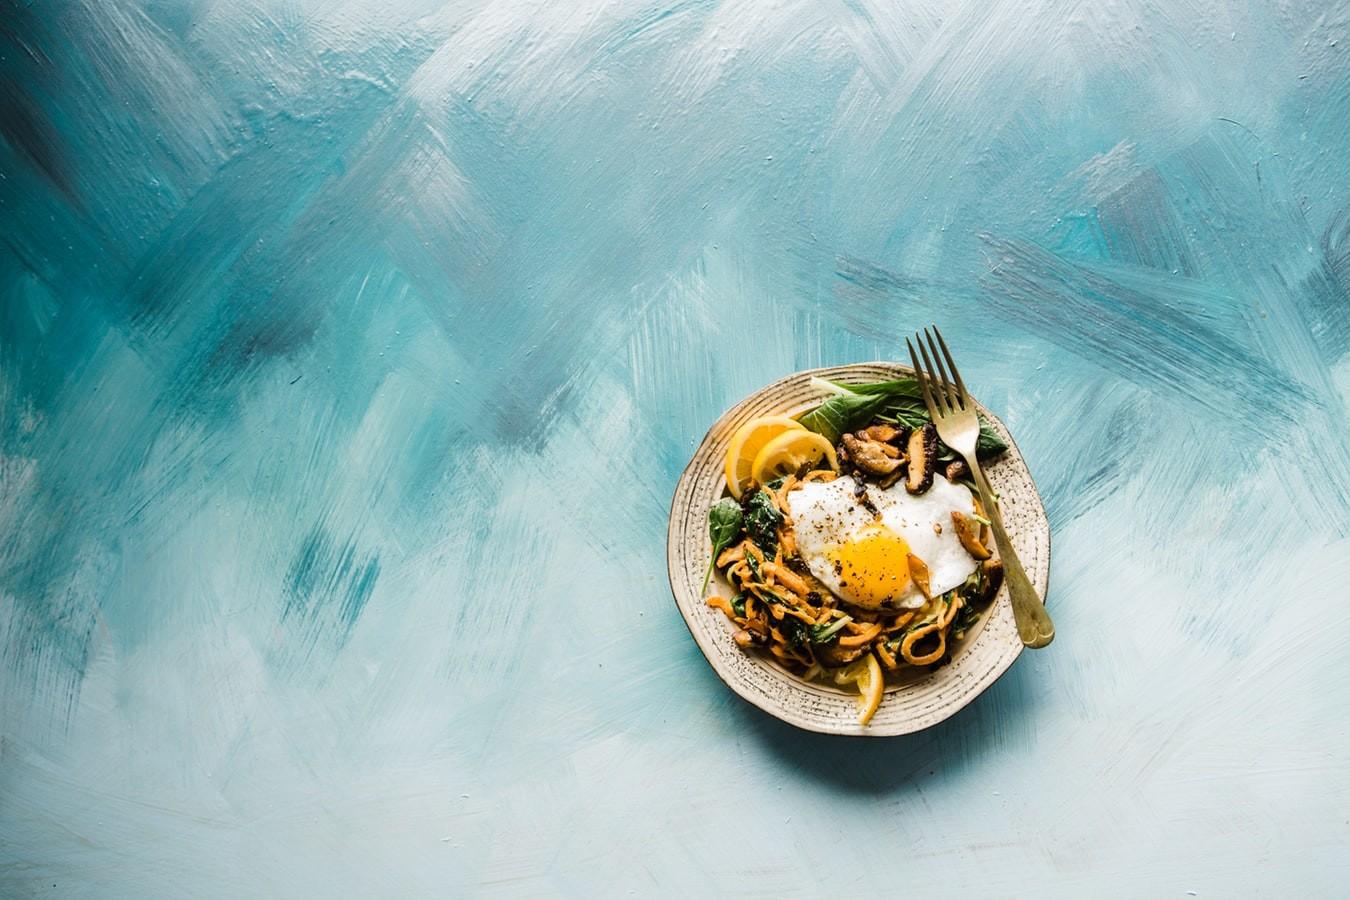 Dieta keto su plan de 30 días para perder peso